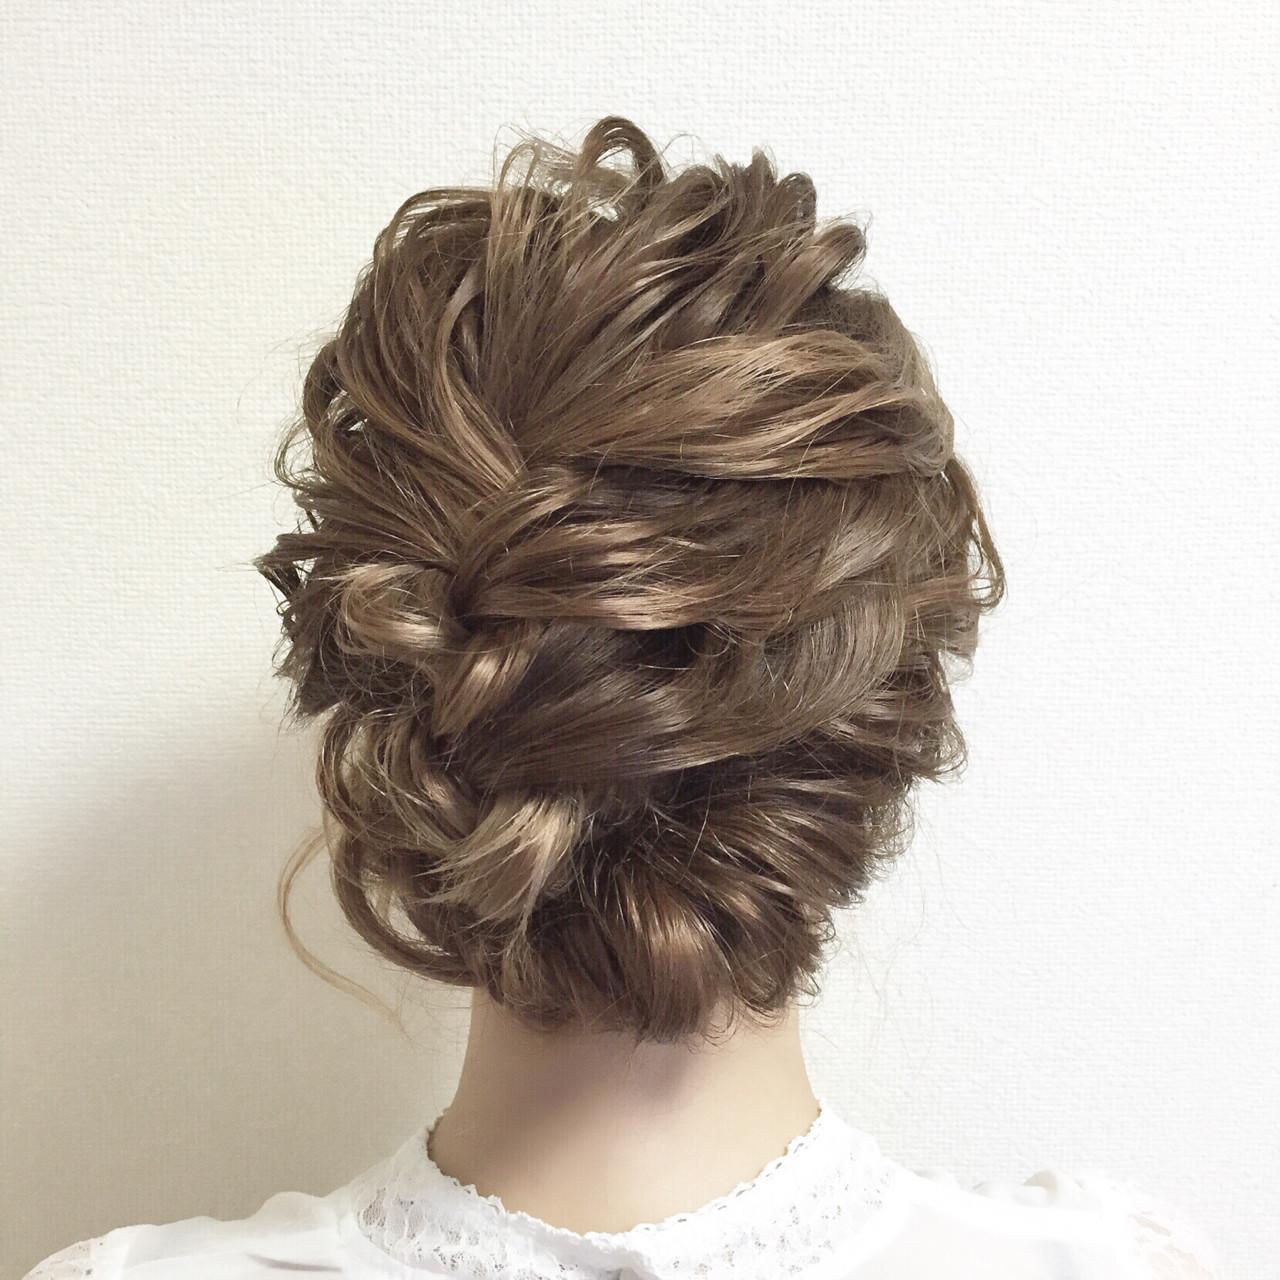 結婚式 ミディアム パーティ ヘアアレンジ ヘアスタイルや髪型の写真・画像 | chiaki / magnet hair